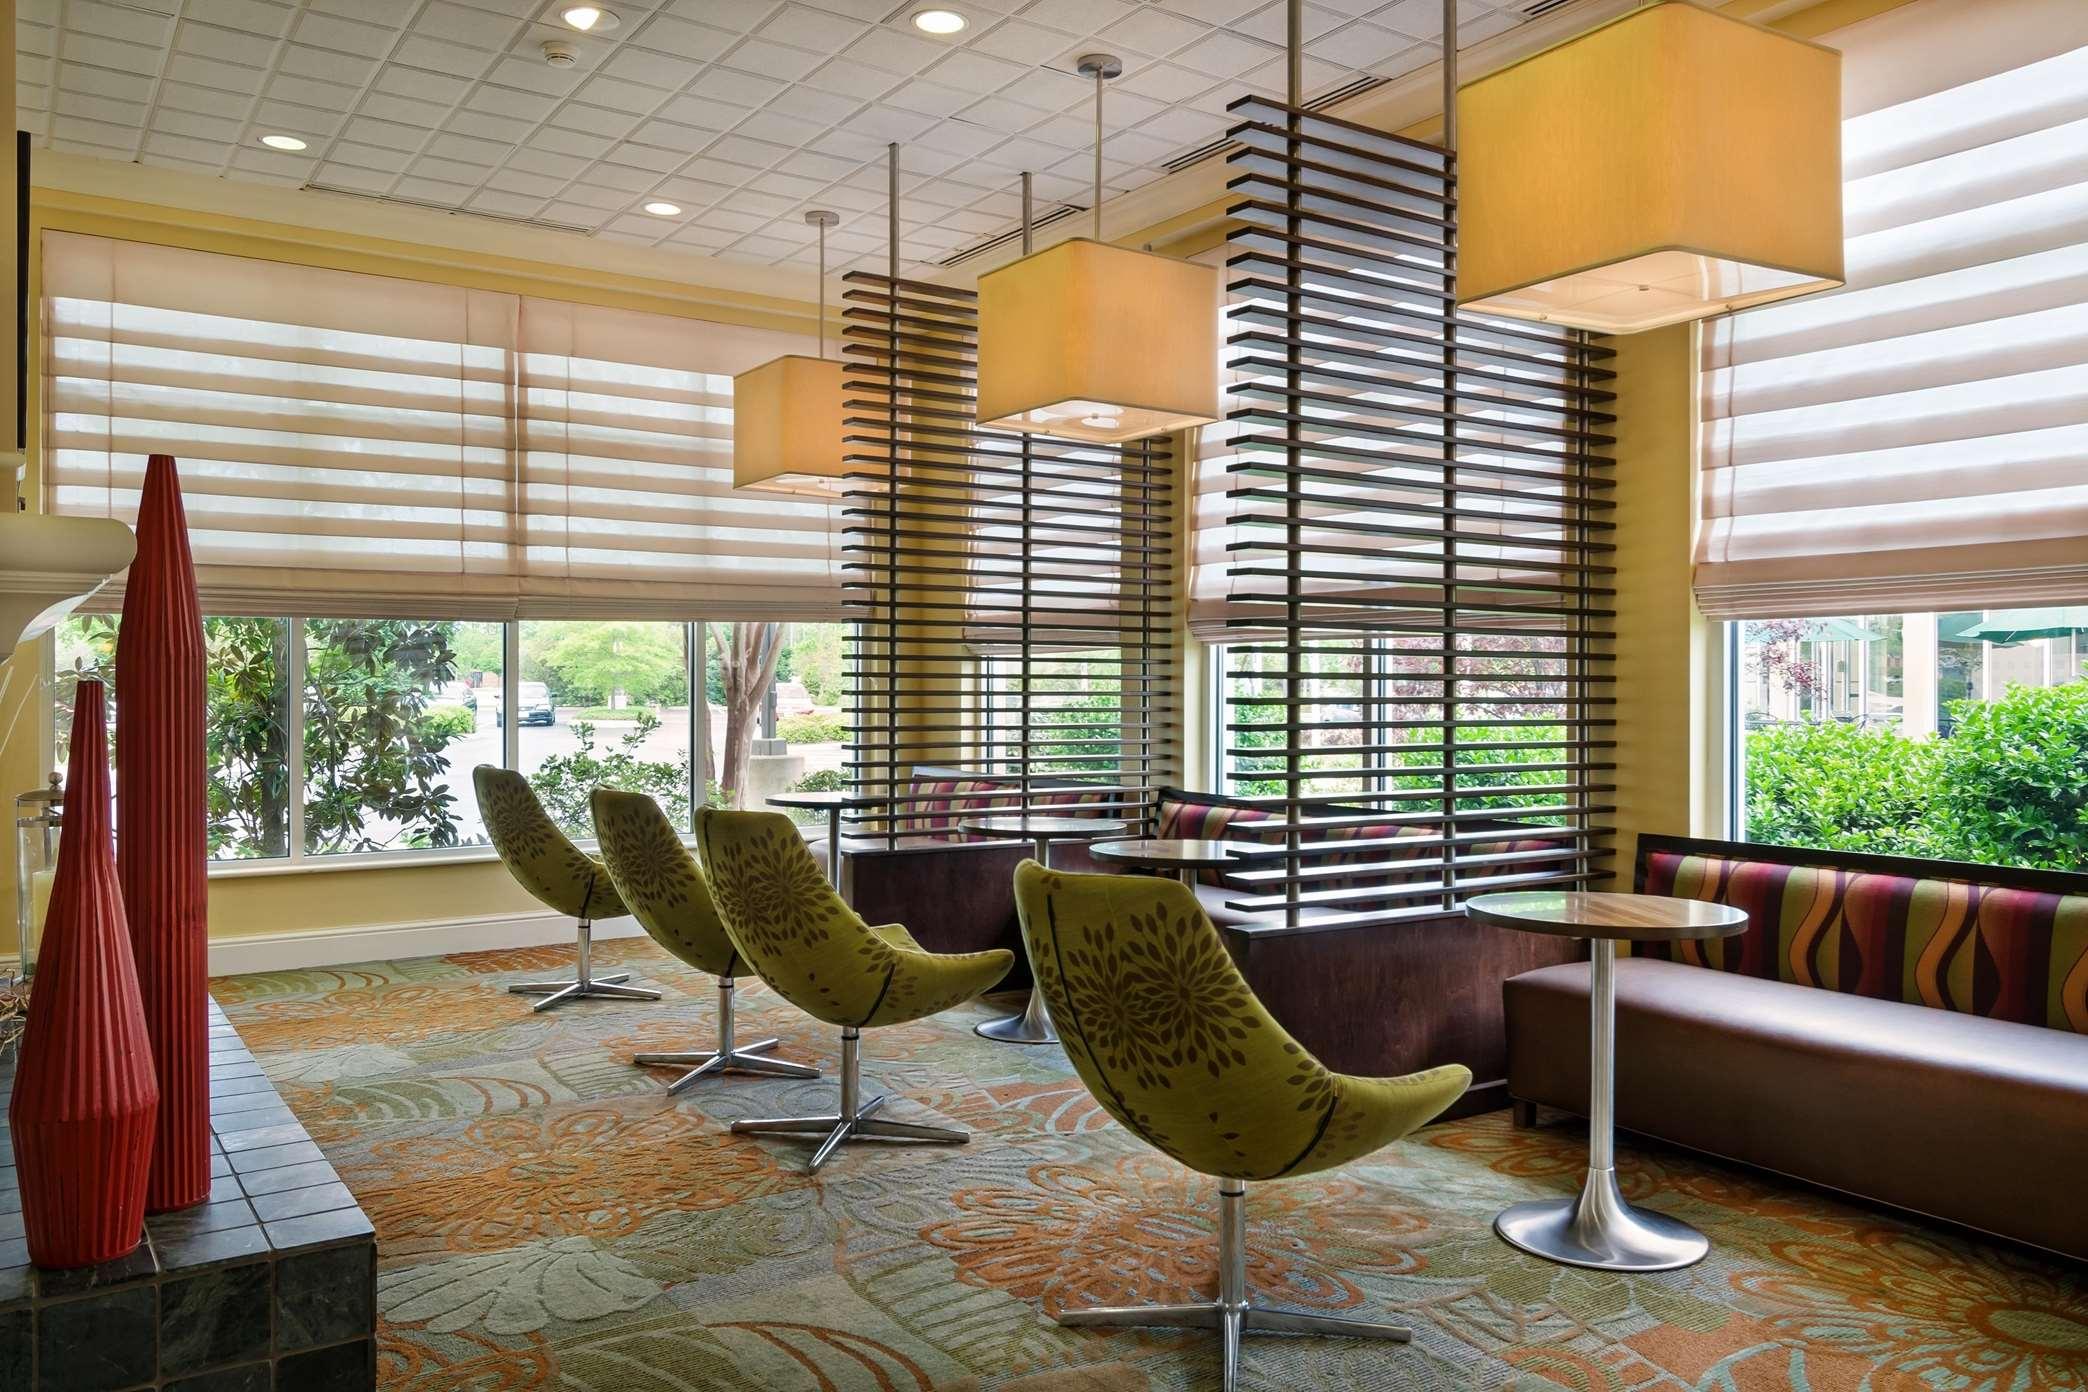 Hilton Garden Inn Newport News image 8